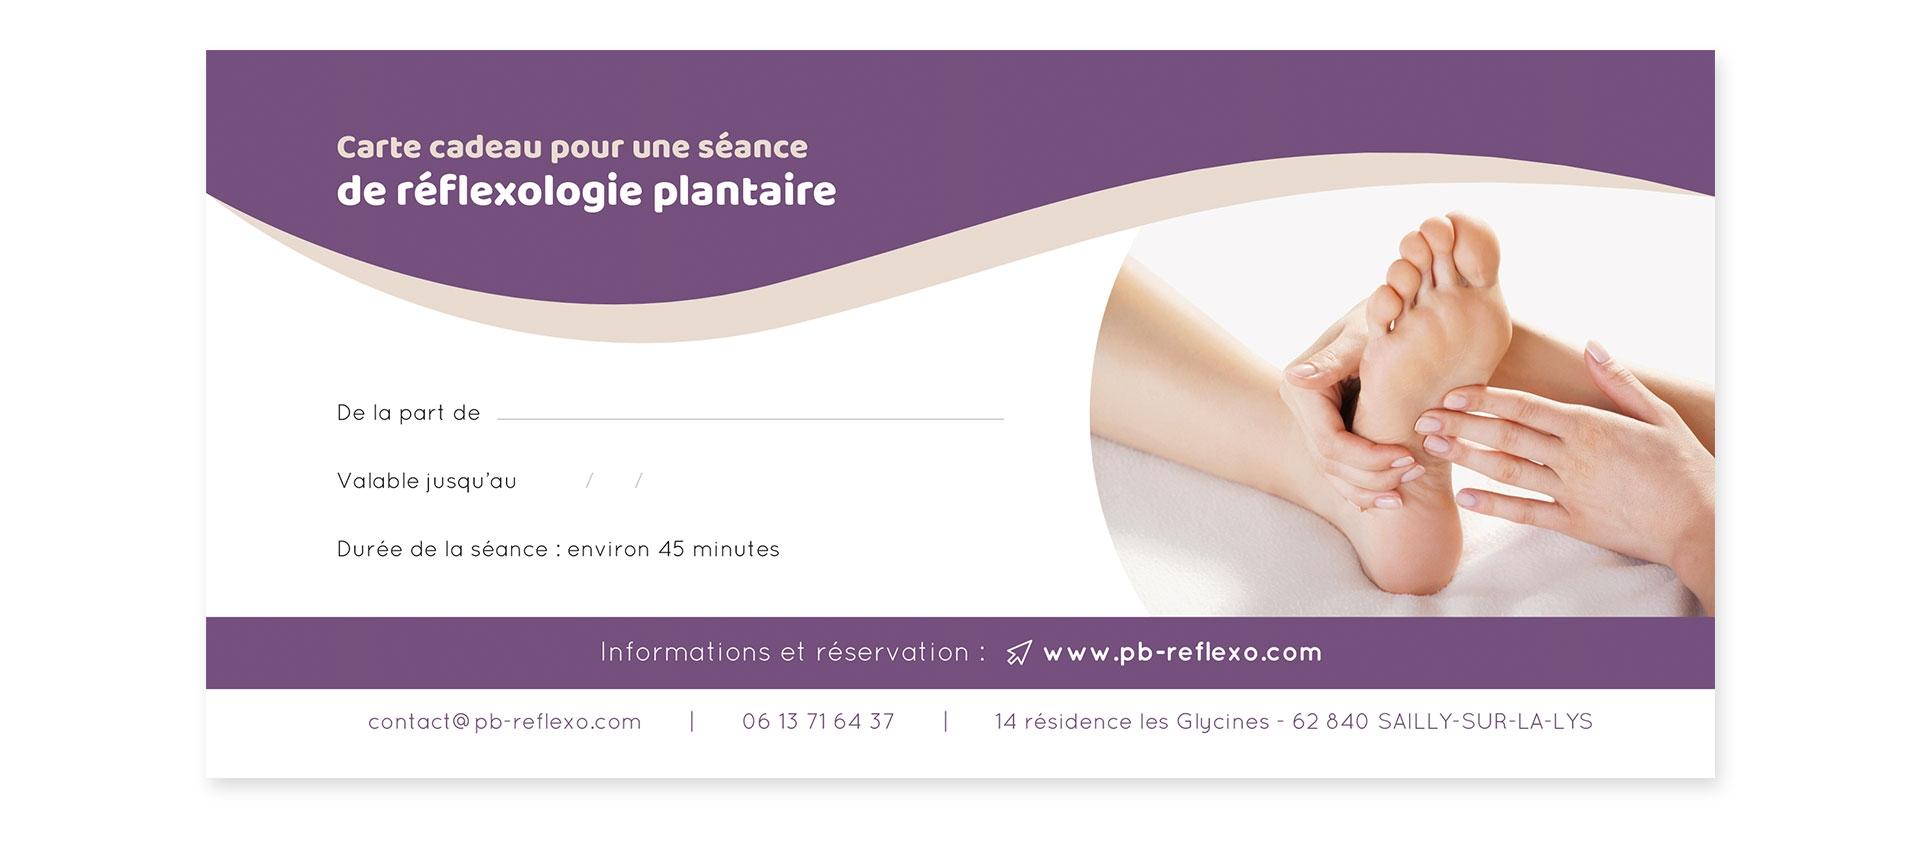 professionnels-print-supports-com-pbreflexo-03